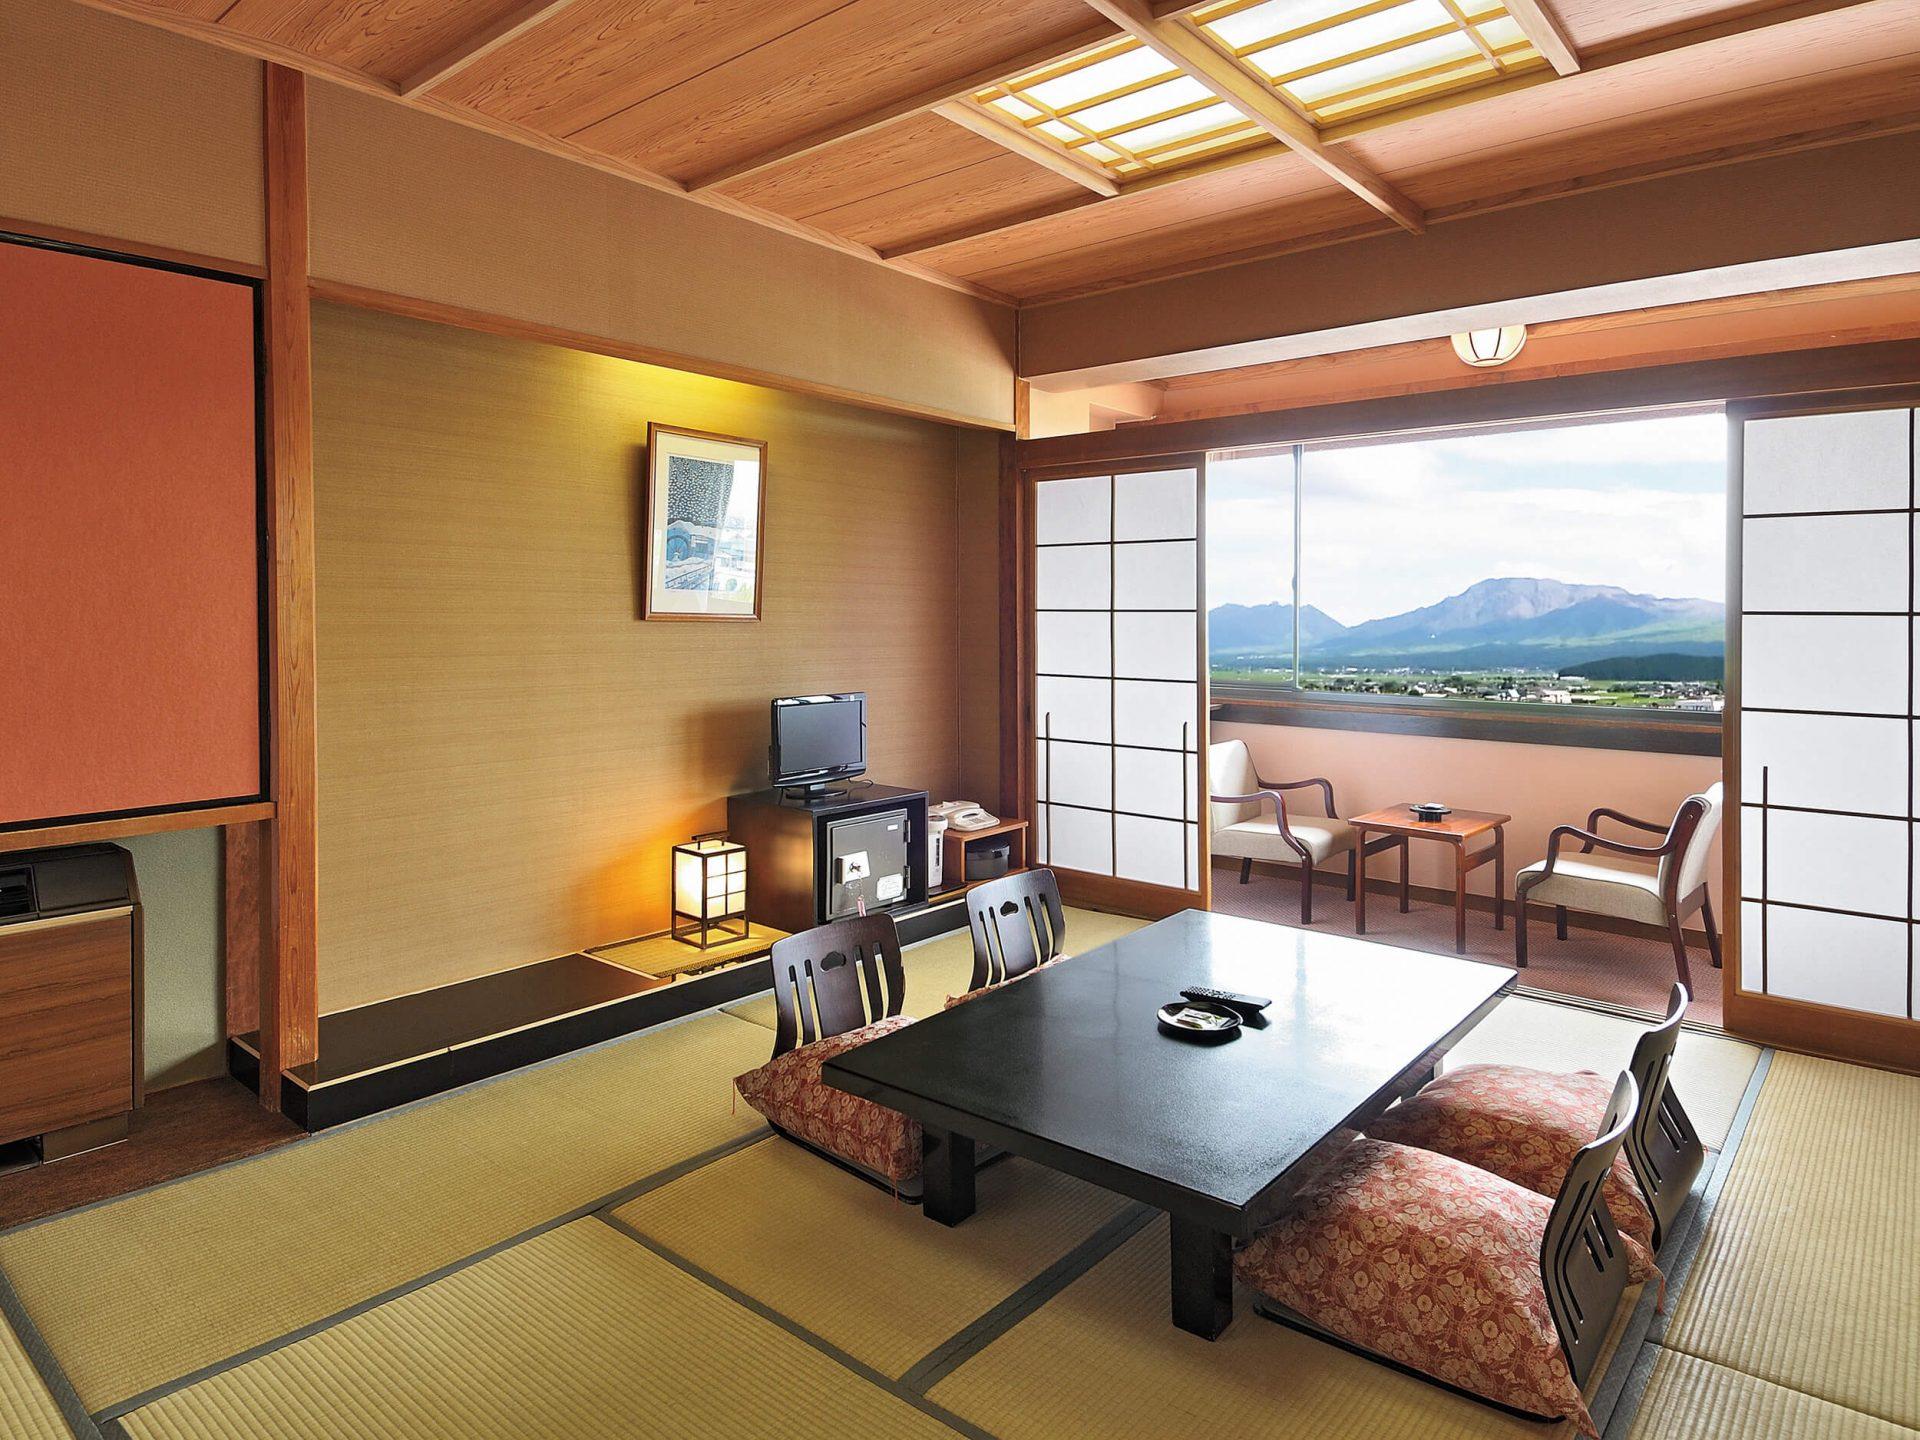 阿蘇プラザホテル 熊本県 おすすめ 宿 ホテル 九州 旅行 観光